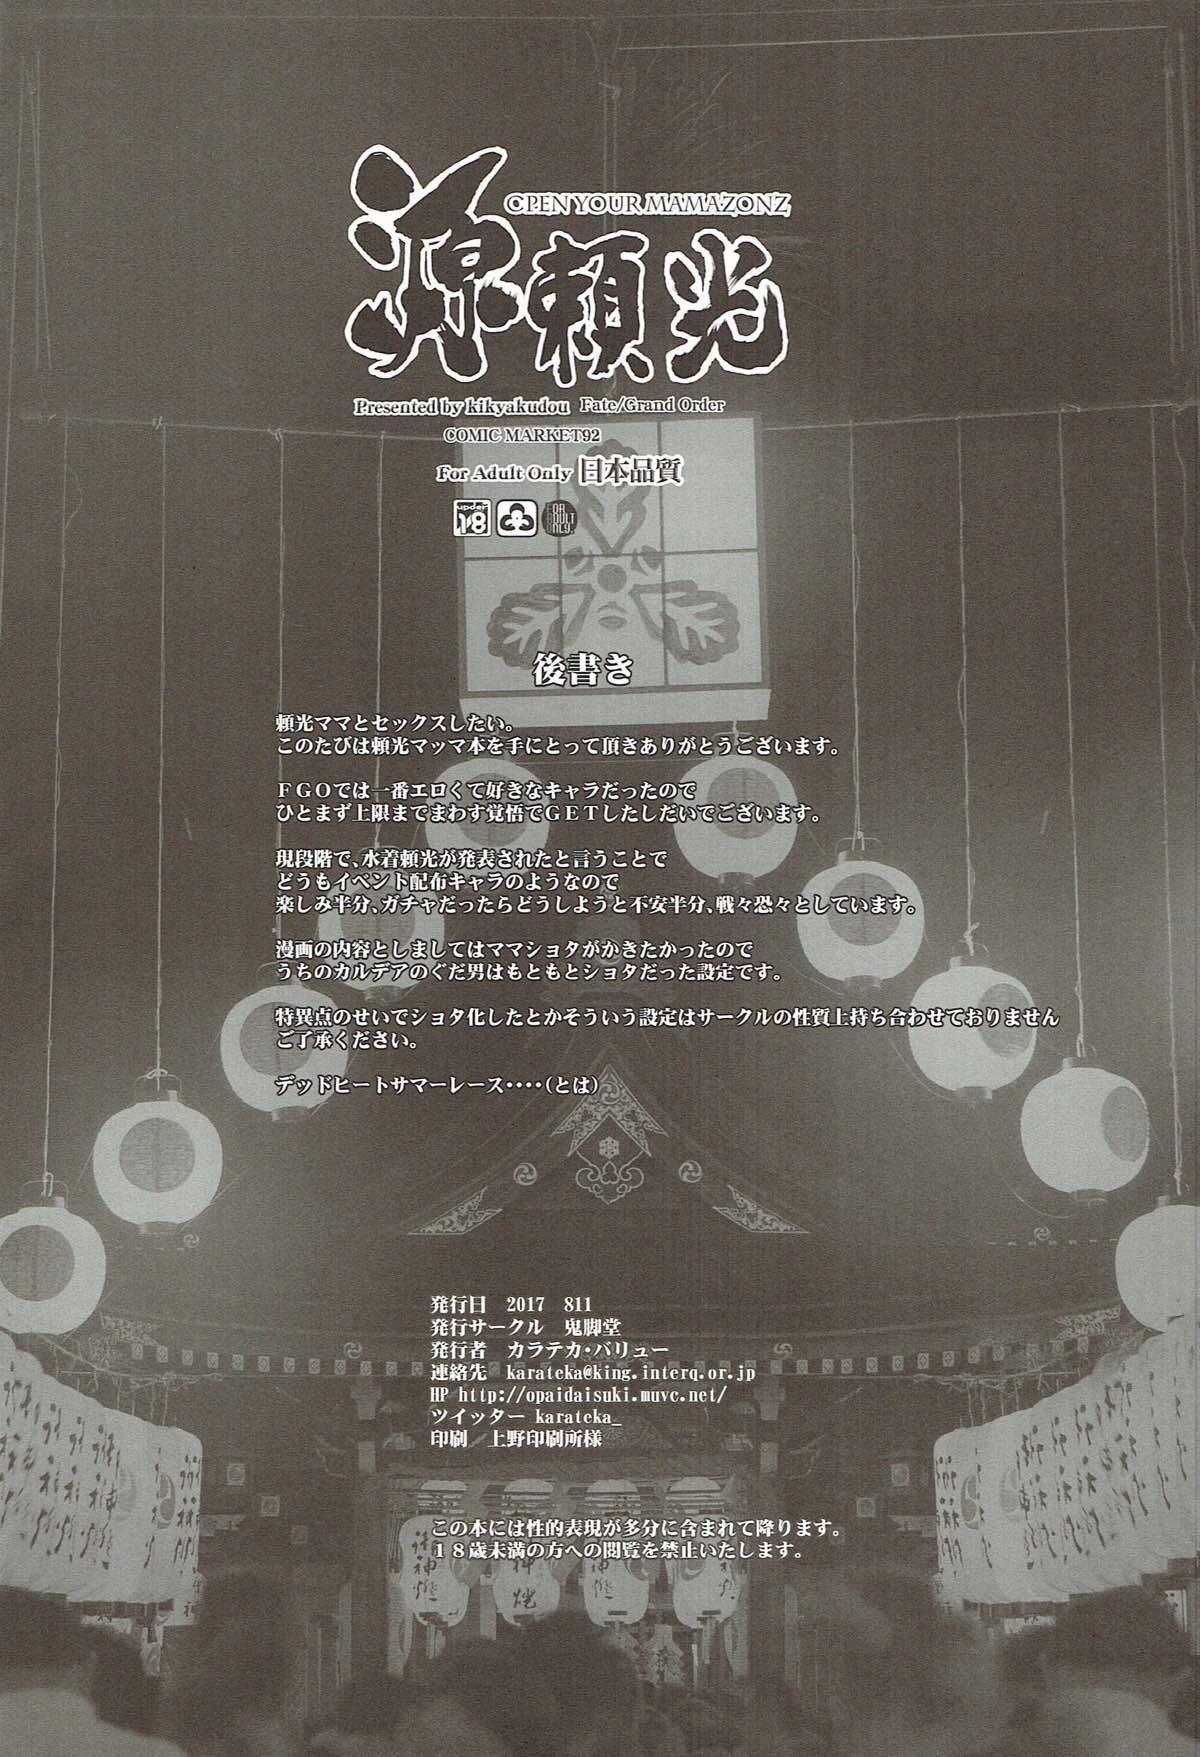 Minamoto no Raikou OPEN YOUR MAMAZONZ 17